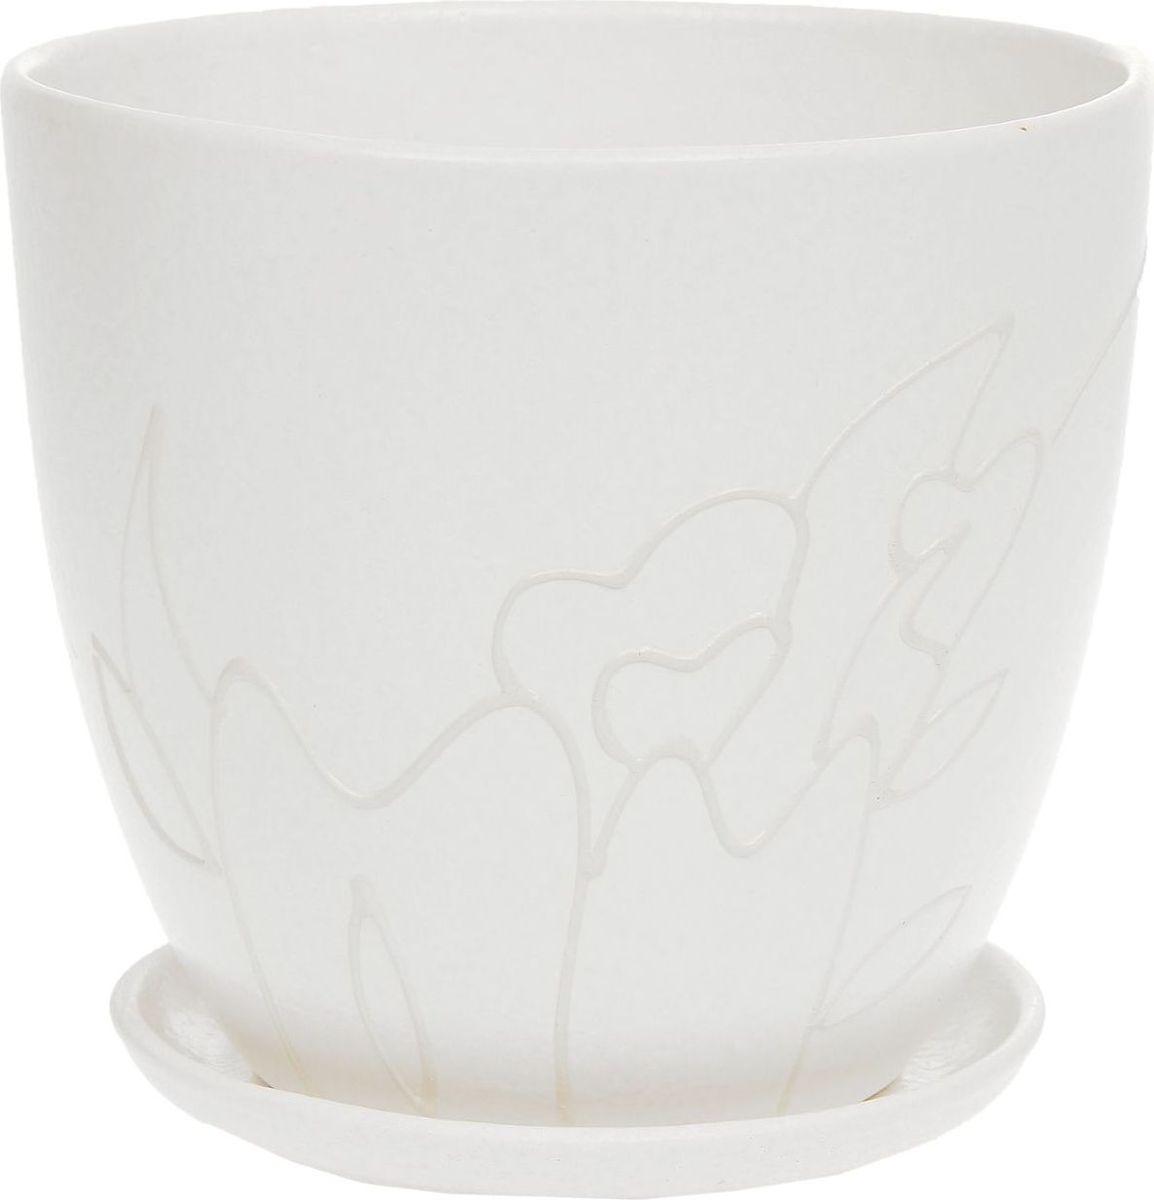 Кашпо Кураж, цвет: белый, 2,6 л1138618Комнатные растения — всеобщие любимцы. Они радуют глаз, насыщают помещение кислородом и украшают пространство. Каждому из них необходим свой удобный и красивый дом. Кашпо из керамики прекрасно подходят для высадки растений: за счёт пластичности глины и разных способов обработки существует великое множество форм и дизайновпористый материал позволяет испаряться лишней влагевоздух, необходимый для дыхания корней, проникает сквозь керамические стенки! #name# позаботится о зелёном питомце, освежит интерьер и подчеркнёт его стиль.